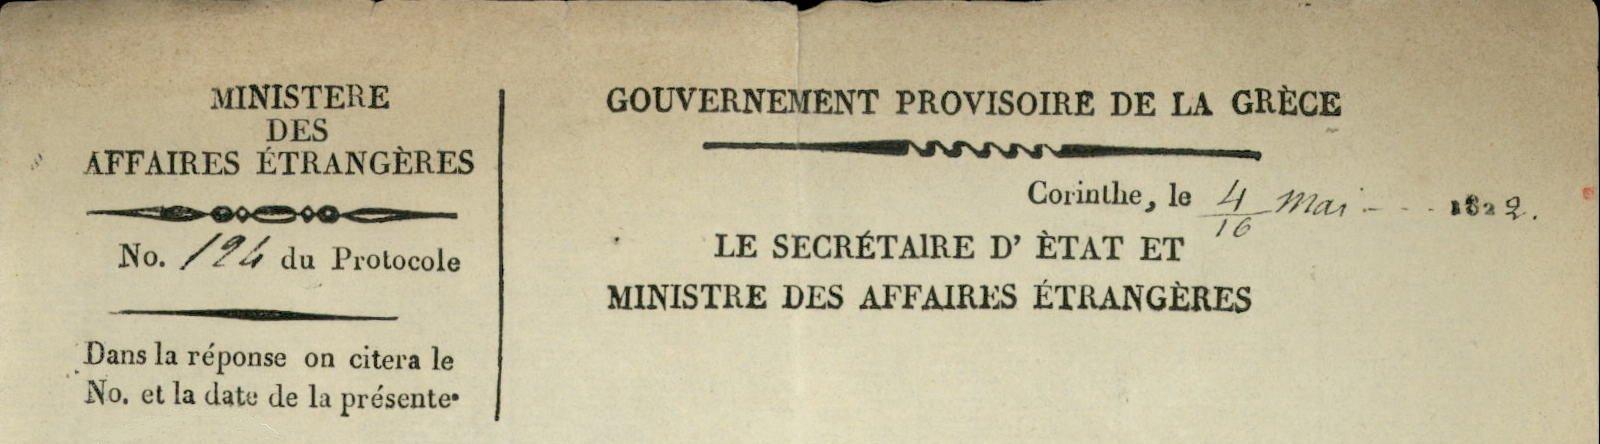 Έγγραφο με τον πρώτο τίτλο του υπουργείου Εξωτερικών το 1822